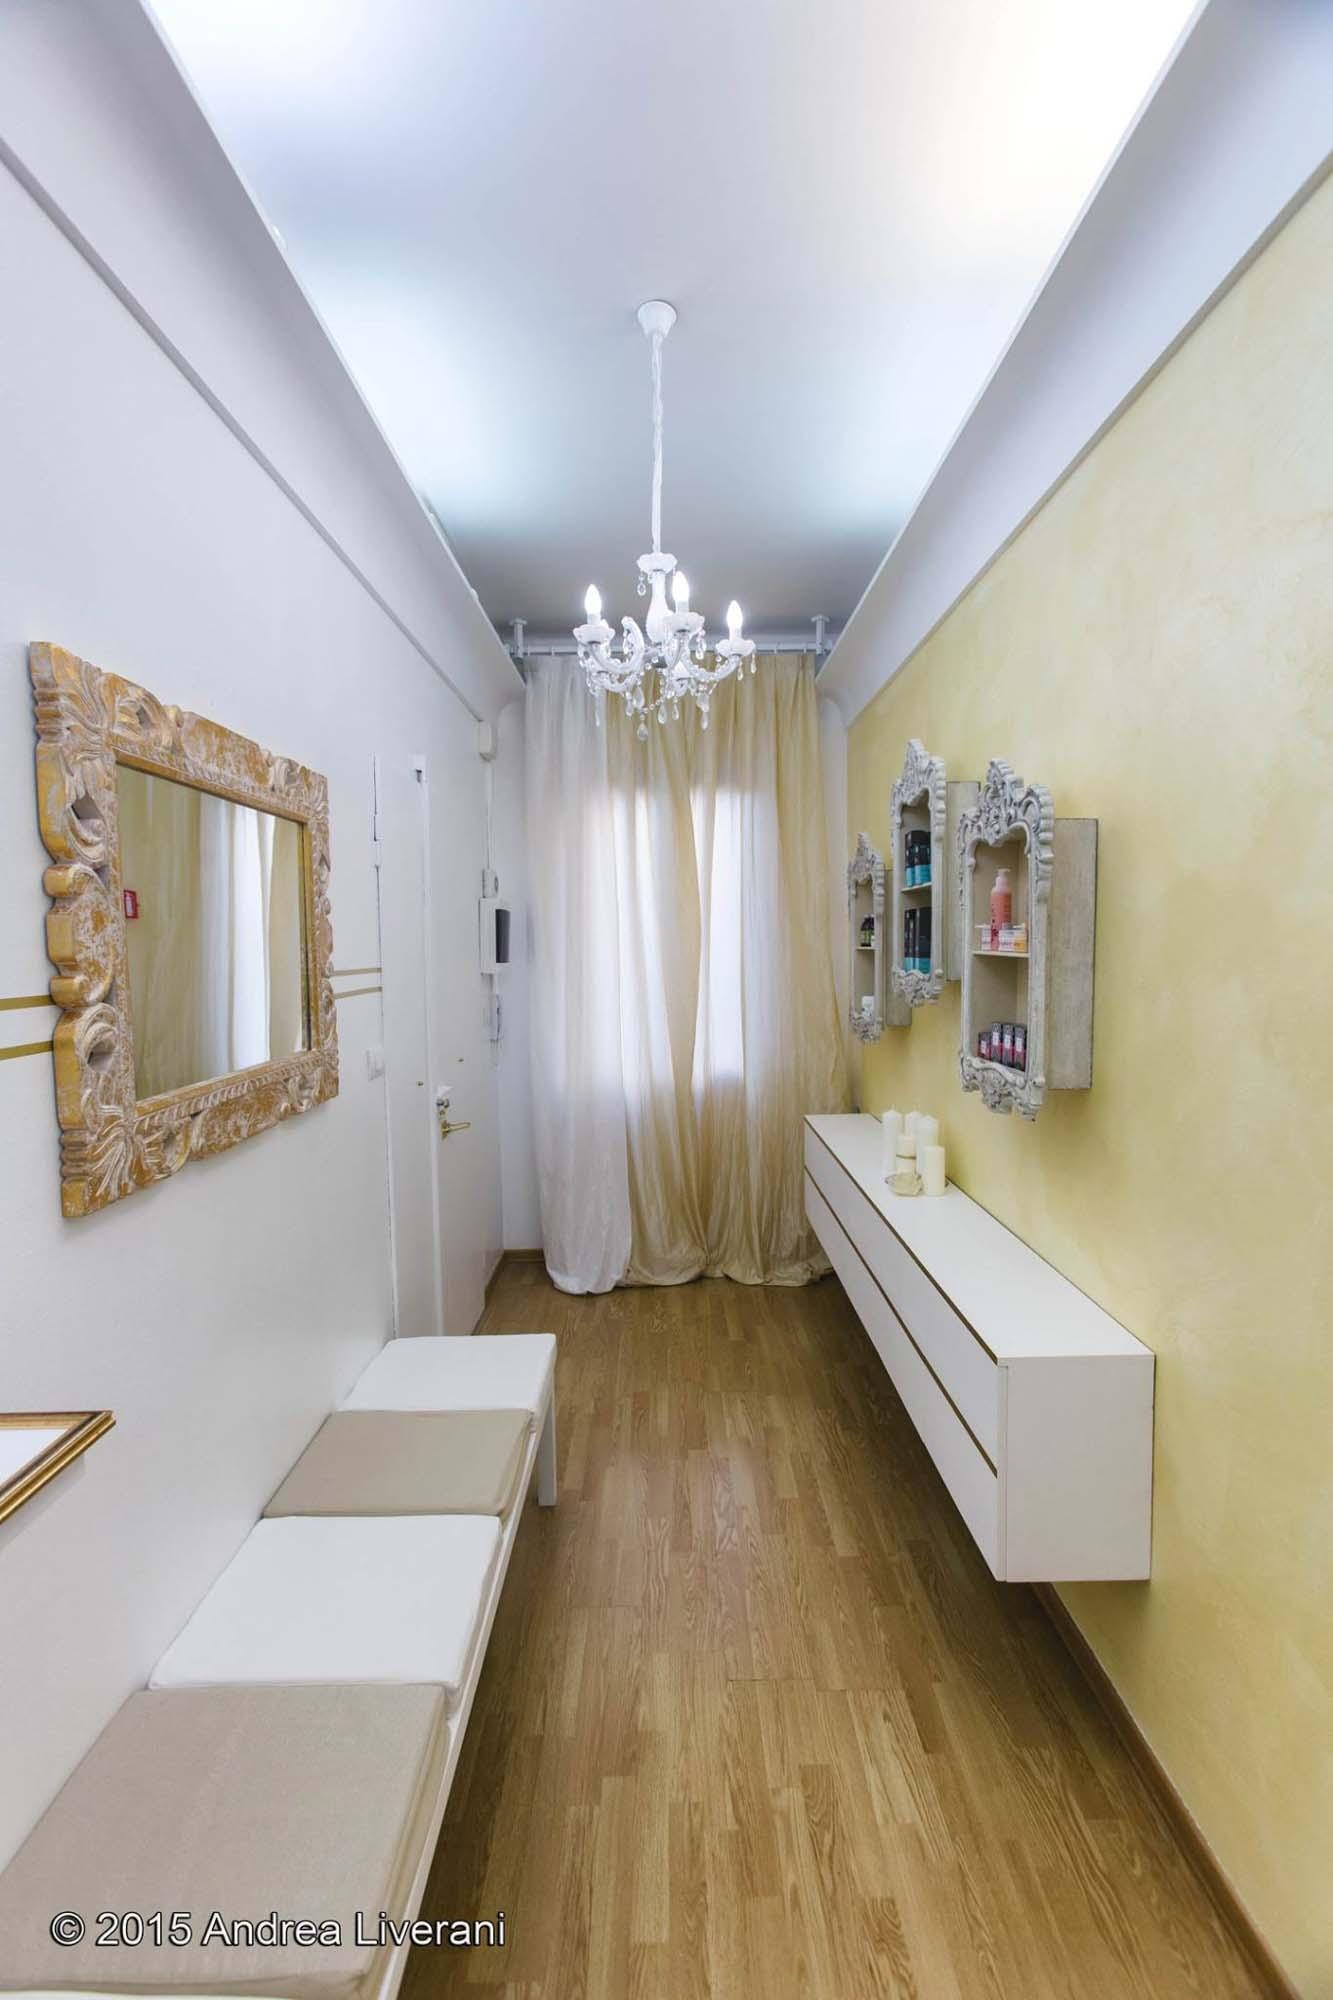 Centro Estetico a Verona